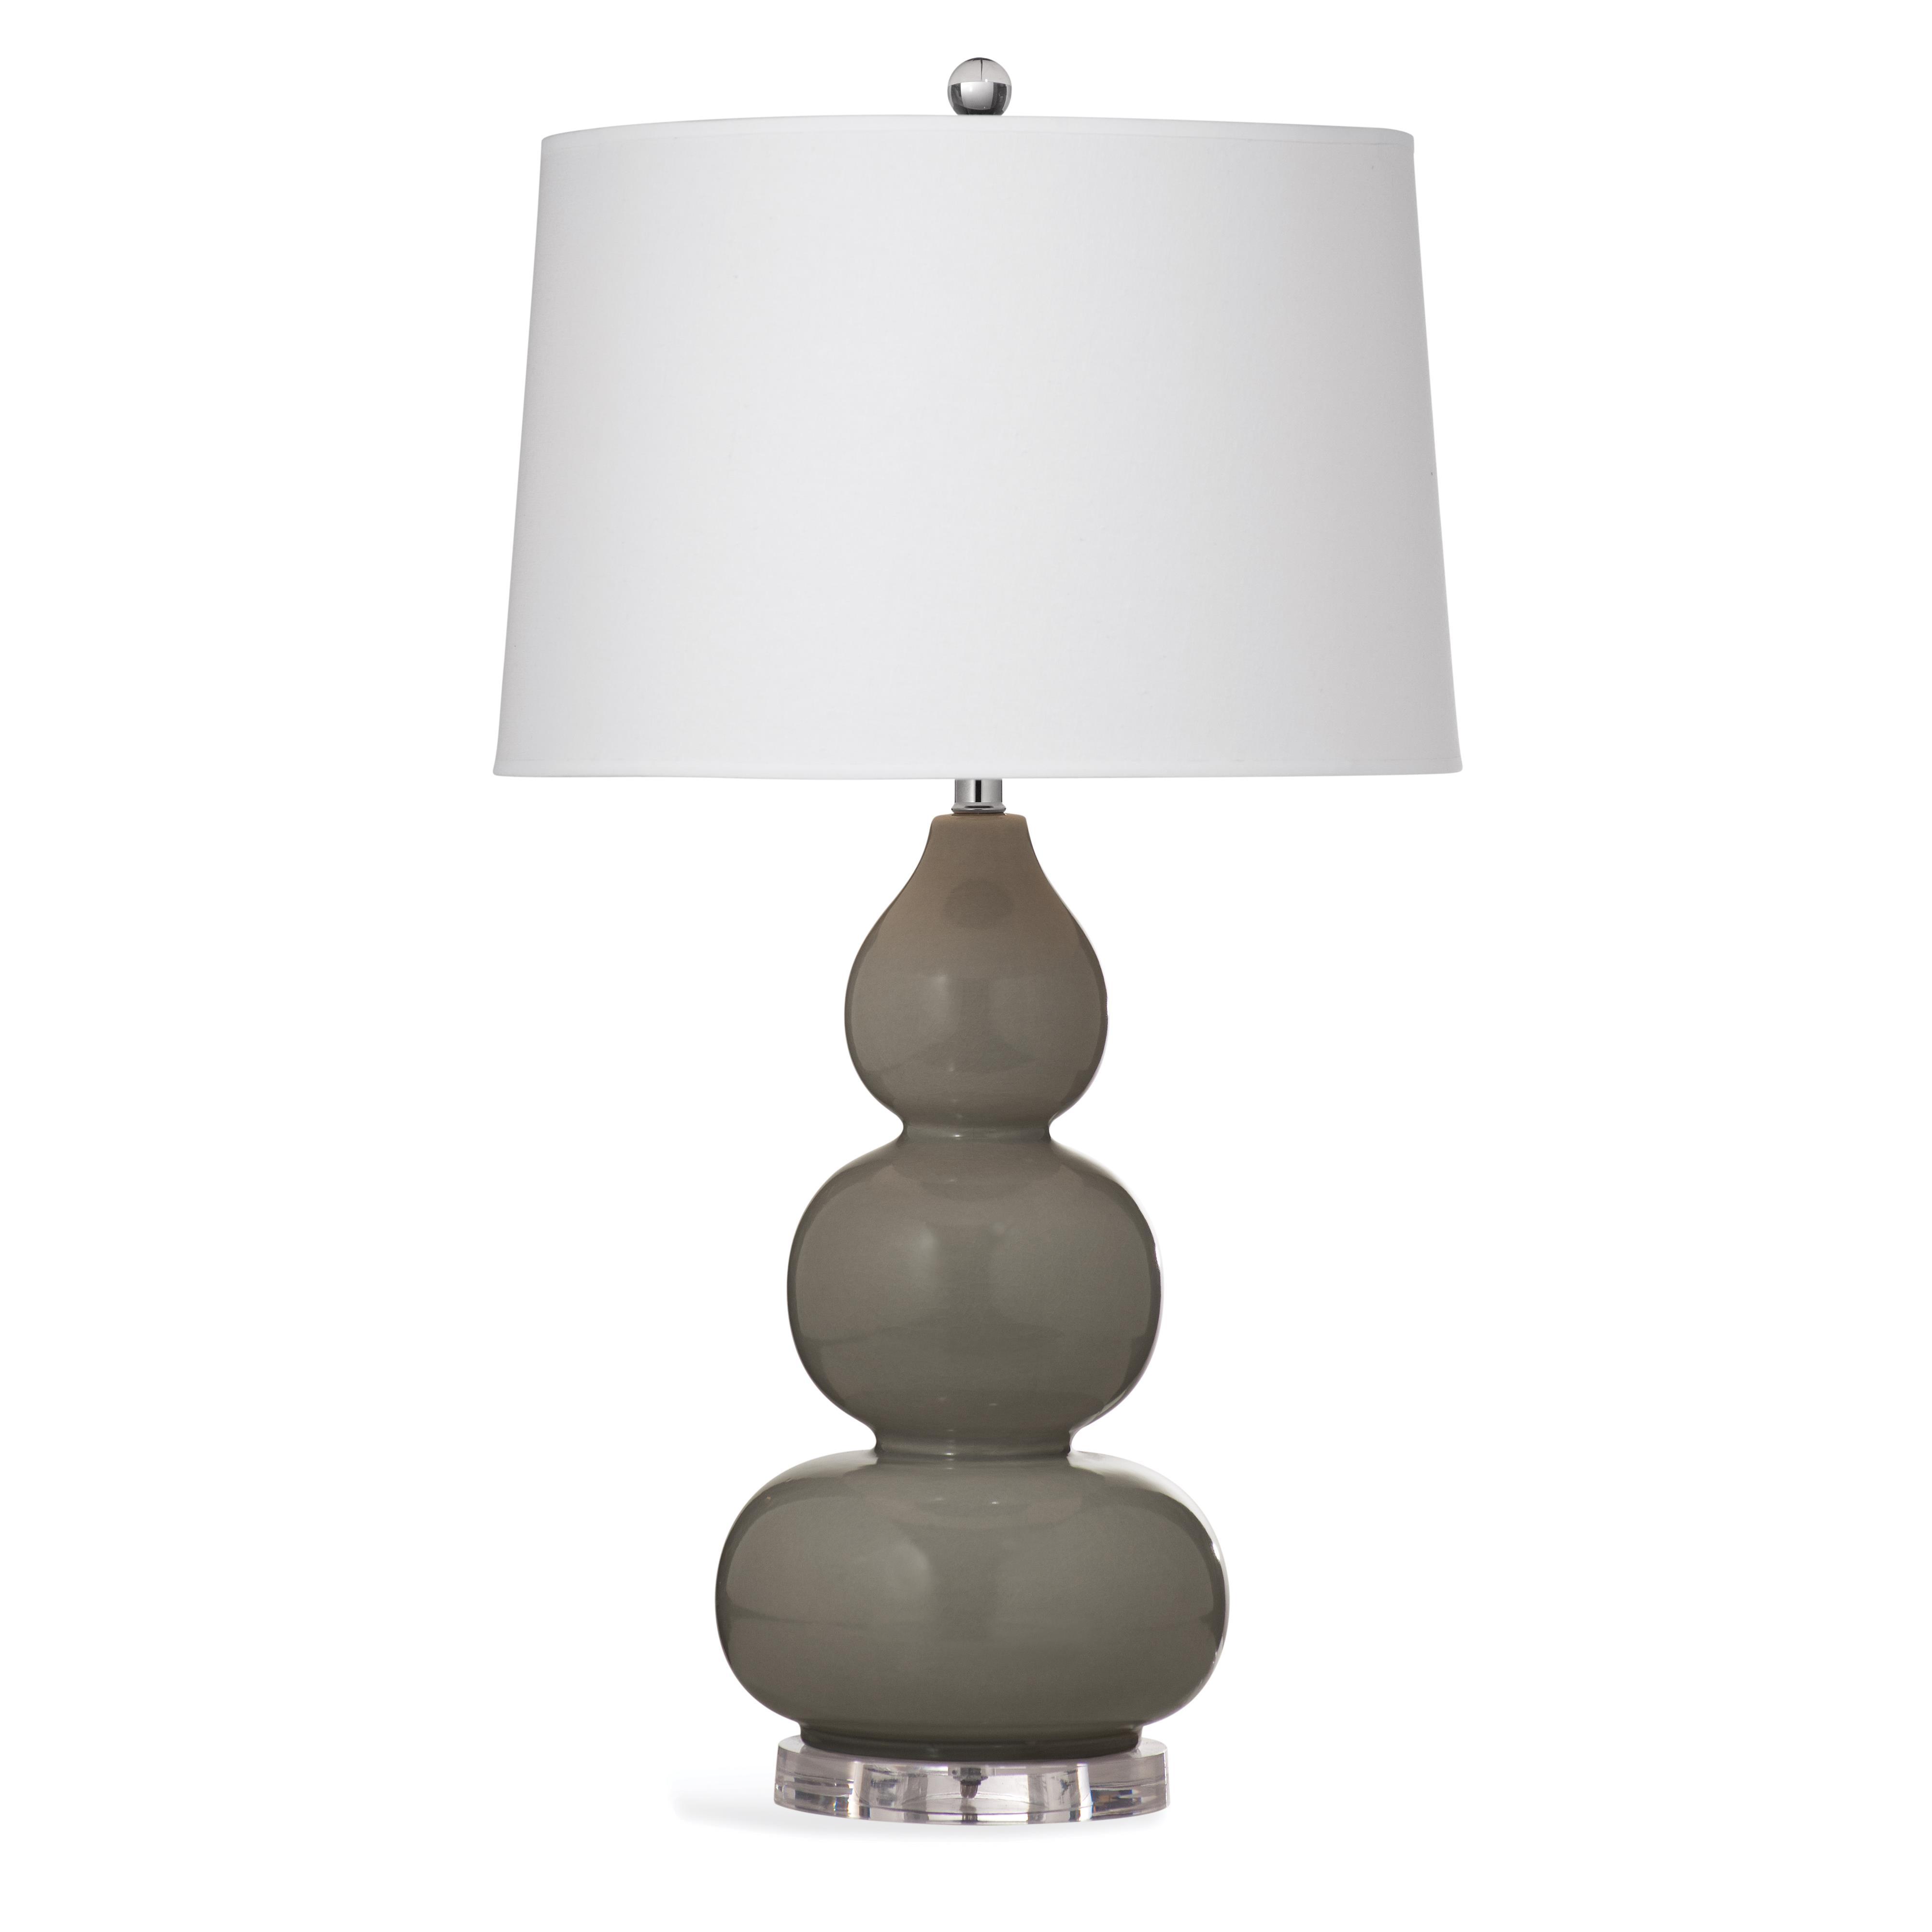 Hawley Table Lamp